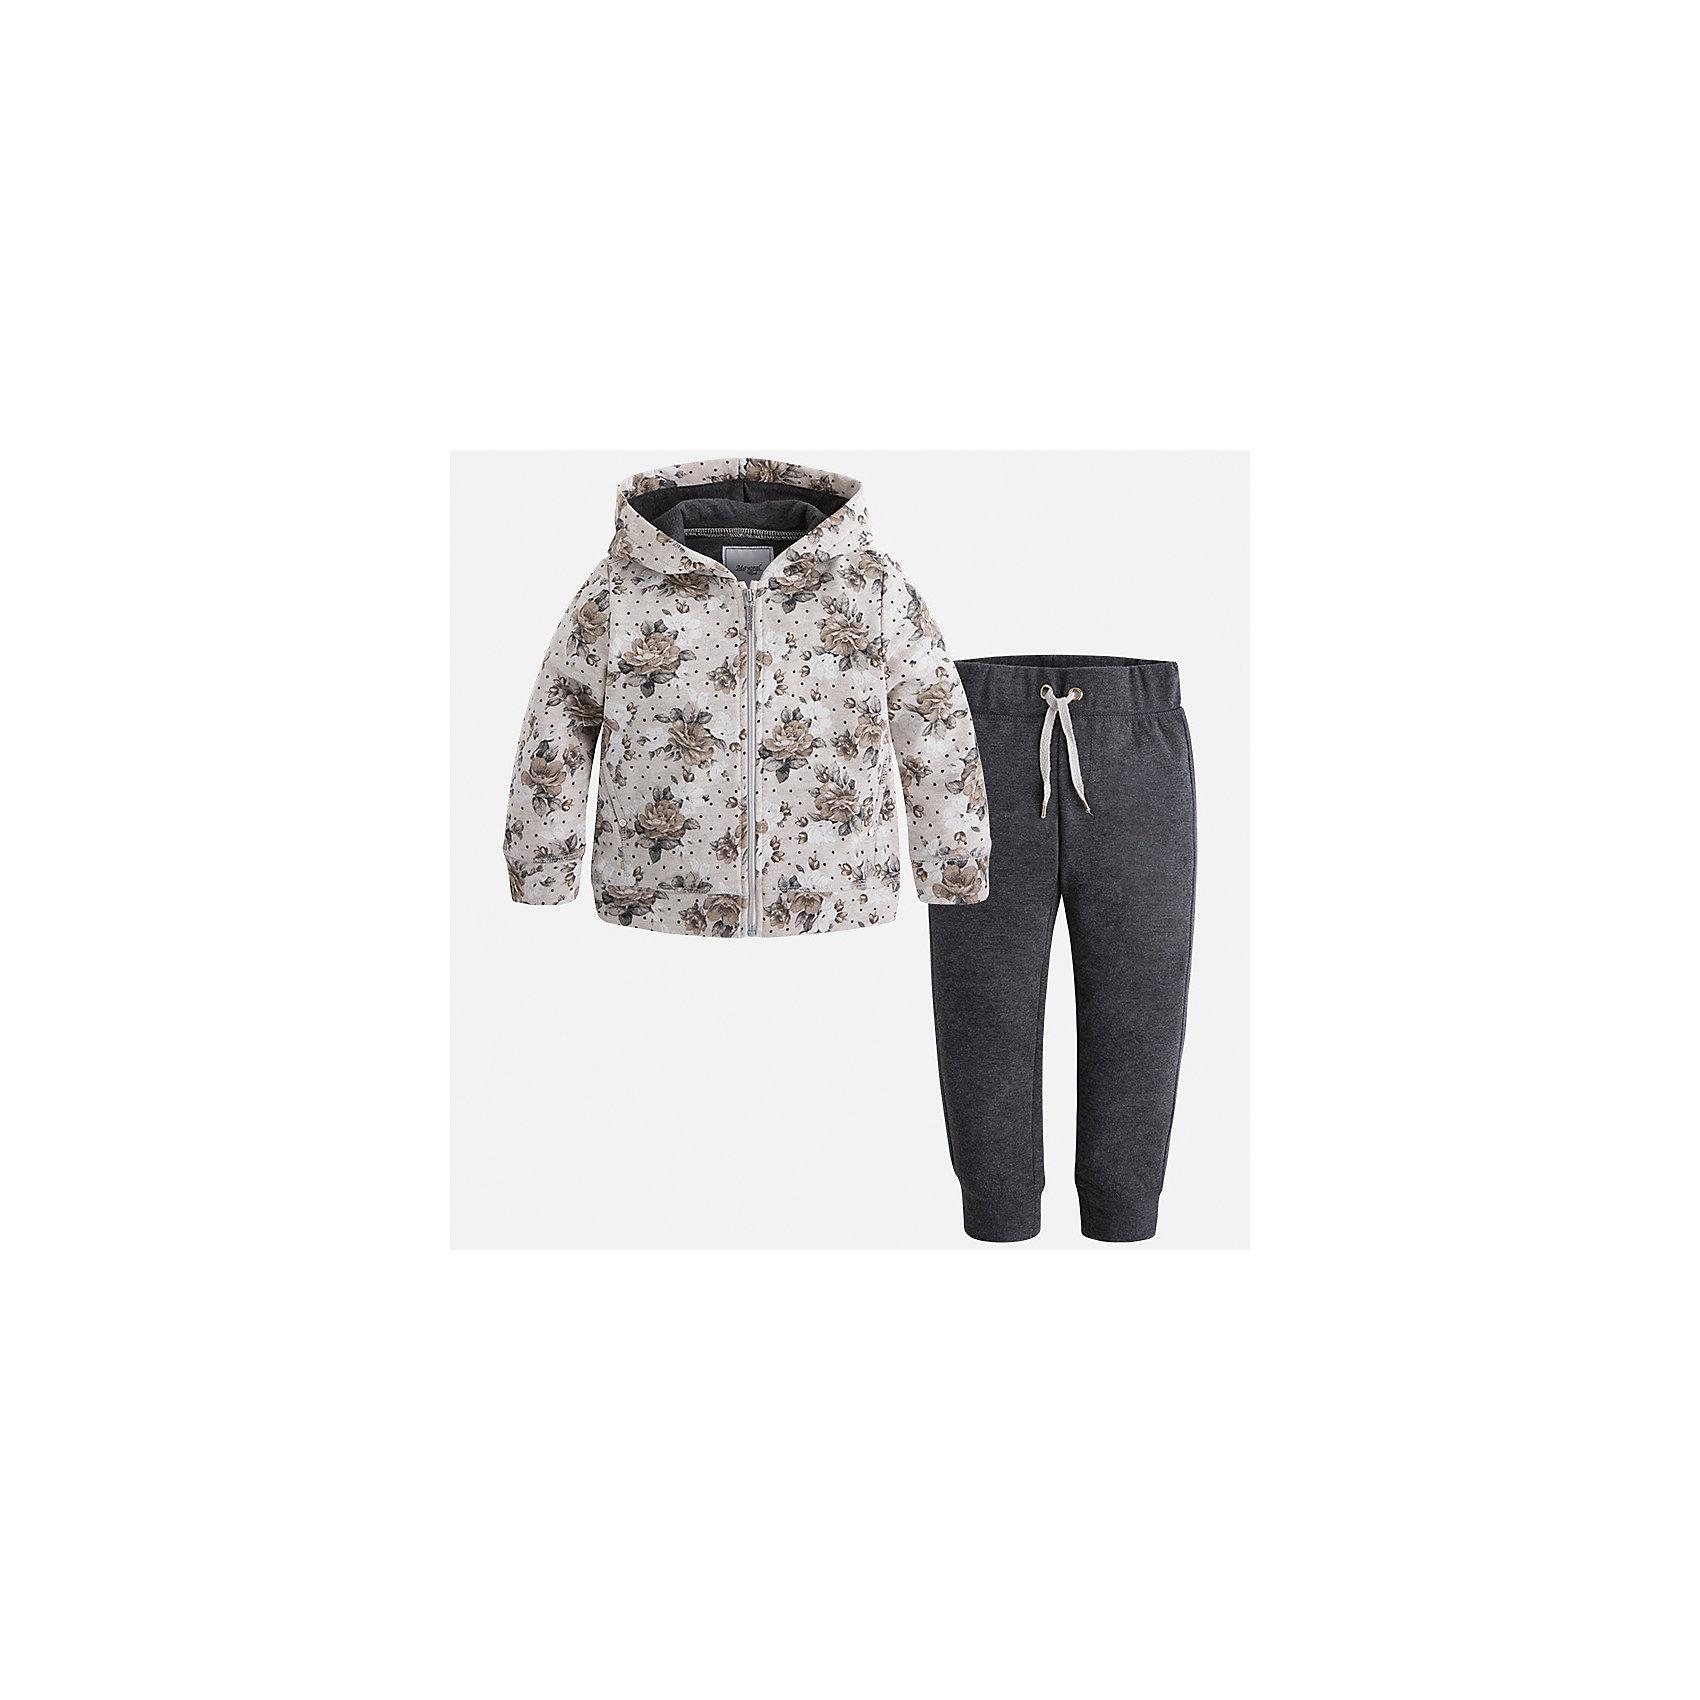 Спортивный костюм Mayoral для девочкиКомплекты<br>Характеристики товара:<br><br>• цвет: черный<br>• комплектация: курточка и брюки<br>• состав ткани курточки: 45% хлопок, 42% полиэстер, 13% металлизированная нить<br>• состав ткани брюк: 57% хлопок, 38% полиэстер, 5% эластан<br>• длинные рукава<br>• застежка: молния<br>• пояс: резинка и шнурок<br>• особенности модели: спортивный стиль<br>• сезон: круглый год<br>• страна бренда: Испания<br>• страна изготовитель: Китай<br><br>Удобный спортивный костюм - отличный вариант одежды для отдыха и занятий спортом. Курточка с капюшоном из этого комплекта украшена модным принтом. Удобный детский спортивный костюм от известного бренда Майорал выглядит аккуратно и стильно. <br><br>В одежде от испанской компании Майорал ребенок будет выглядеть модно, а чувствовать себя - комфортно. Целая команда европейских талантливых дизайнеров работает над созданием стильных и оригинальных моделей одежды.<br><br>Спортивный костюм для девочки Mayoral (Майорал) можно купить в нашем интернет-магазине.<br><br>Ширина мм: 247<br>Глубина мм: 16<br>Высота мм: 140<br>Вес г: 225<br>Цвет: черный<br>Возраст от месяцев: 96<br>Возраст до месяцев: 108<br>Пол: Женский<br>Возраст: Детский<br>Размер: 134,92,98,104,110,116,122,128<br>SKU: 6922921